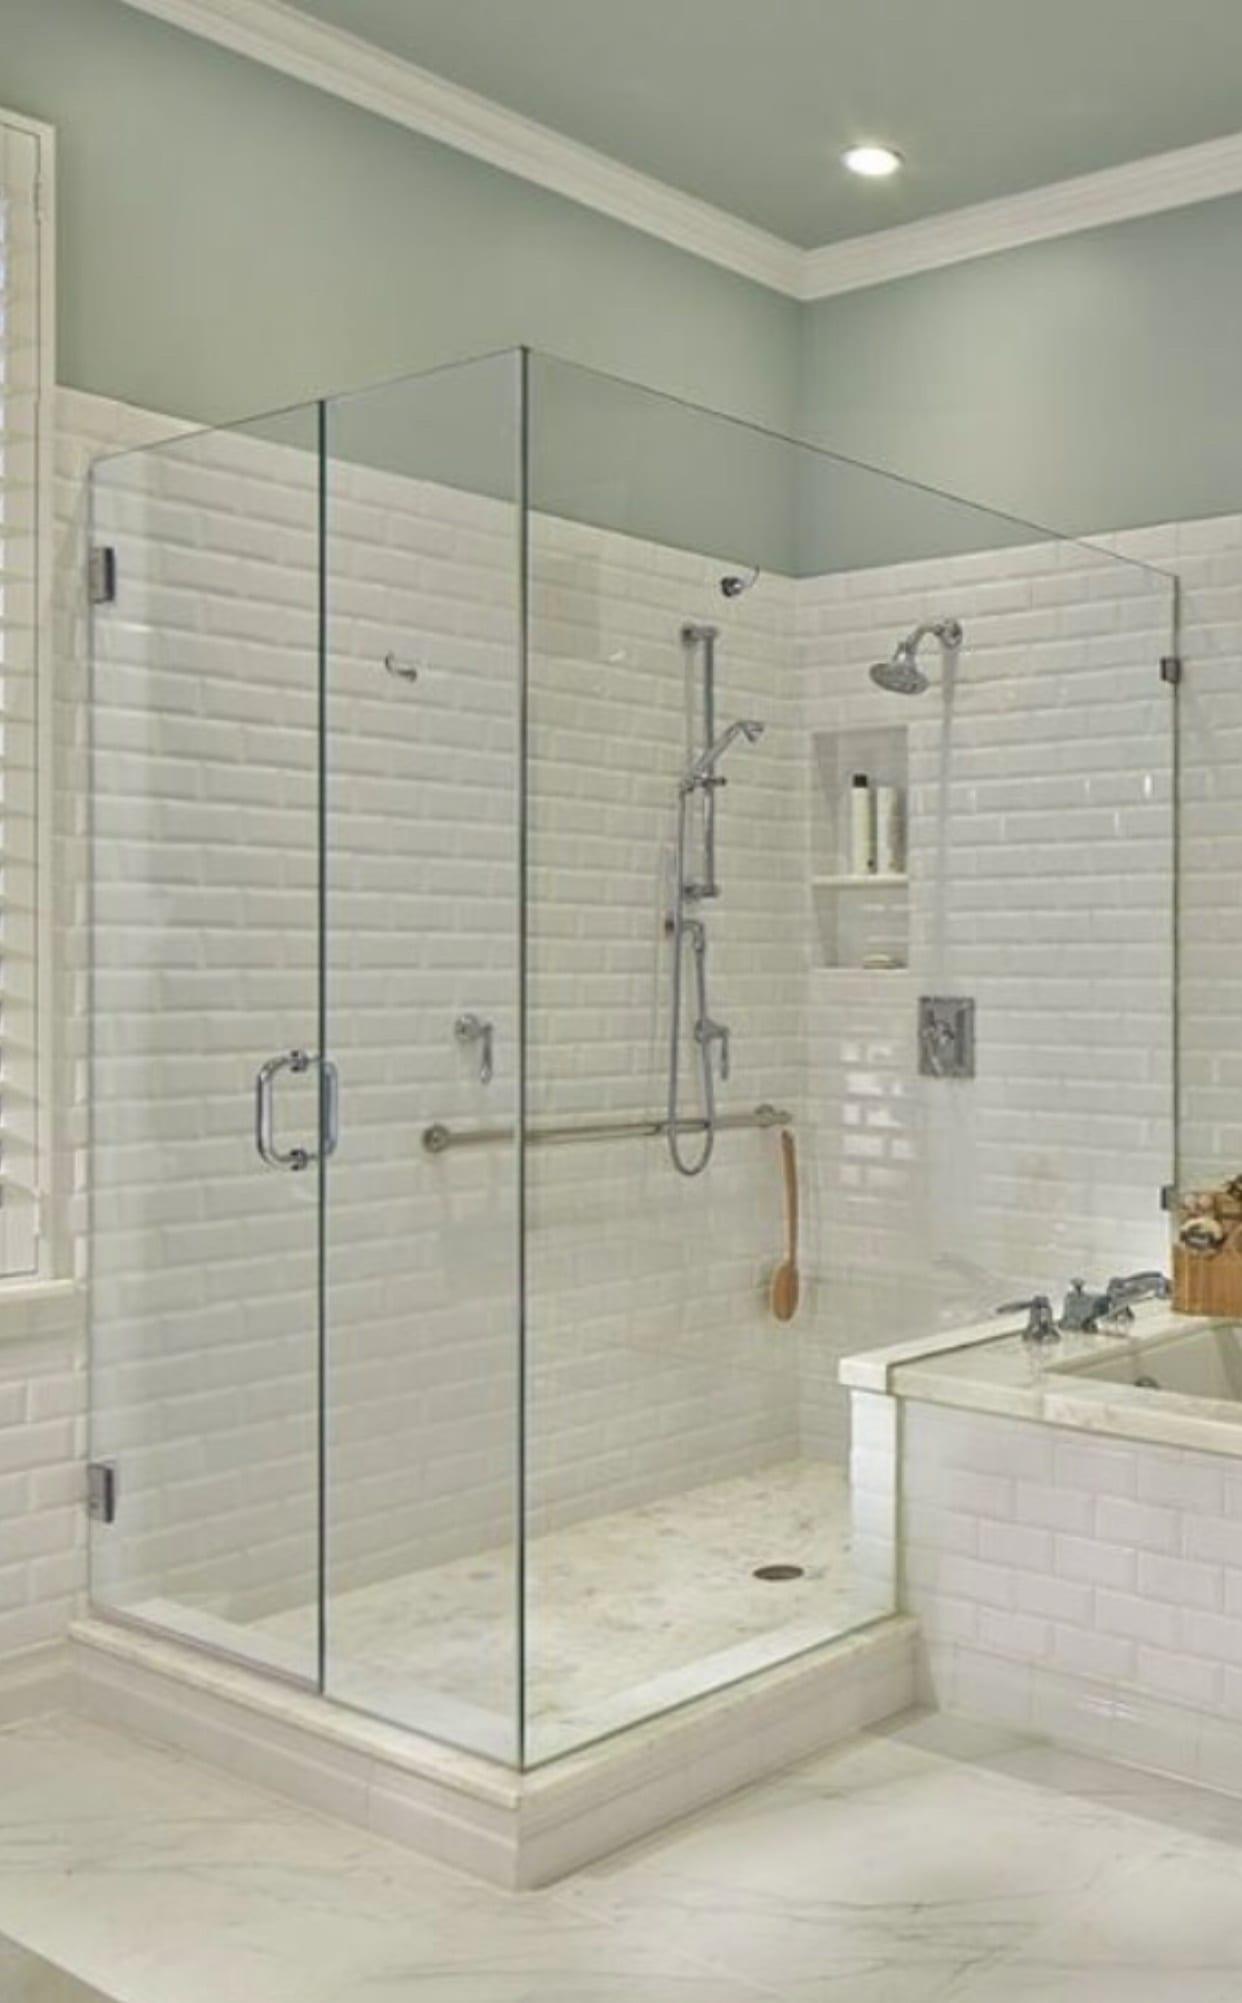 frameless shower doors img 2148 - Shower Doors of Nashville